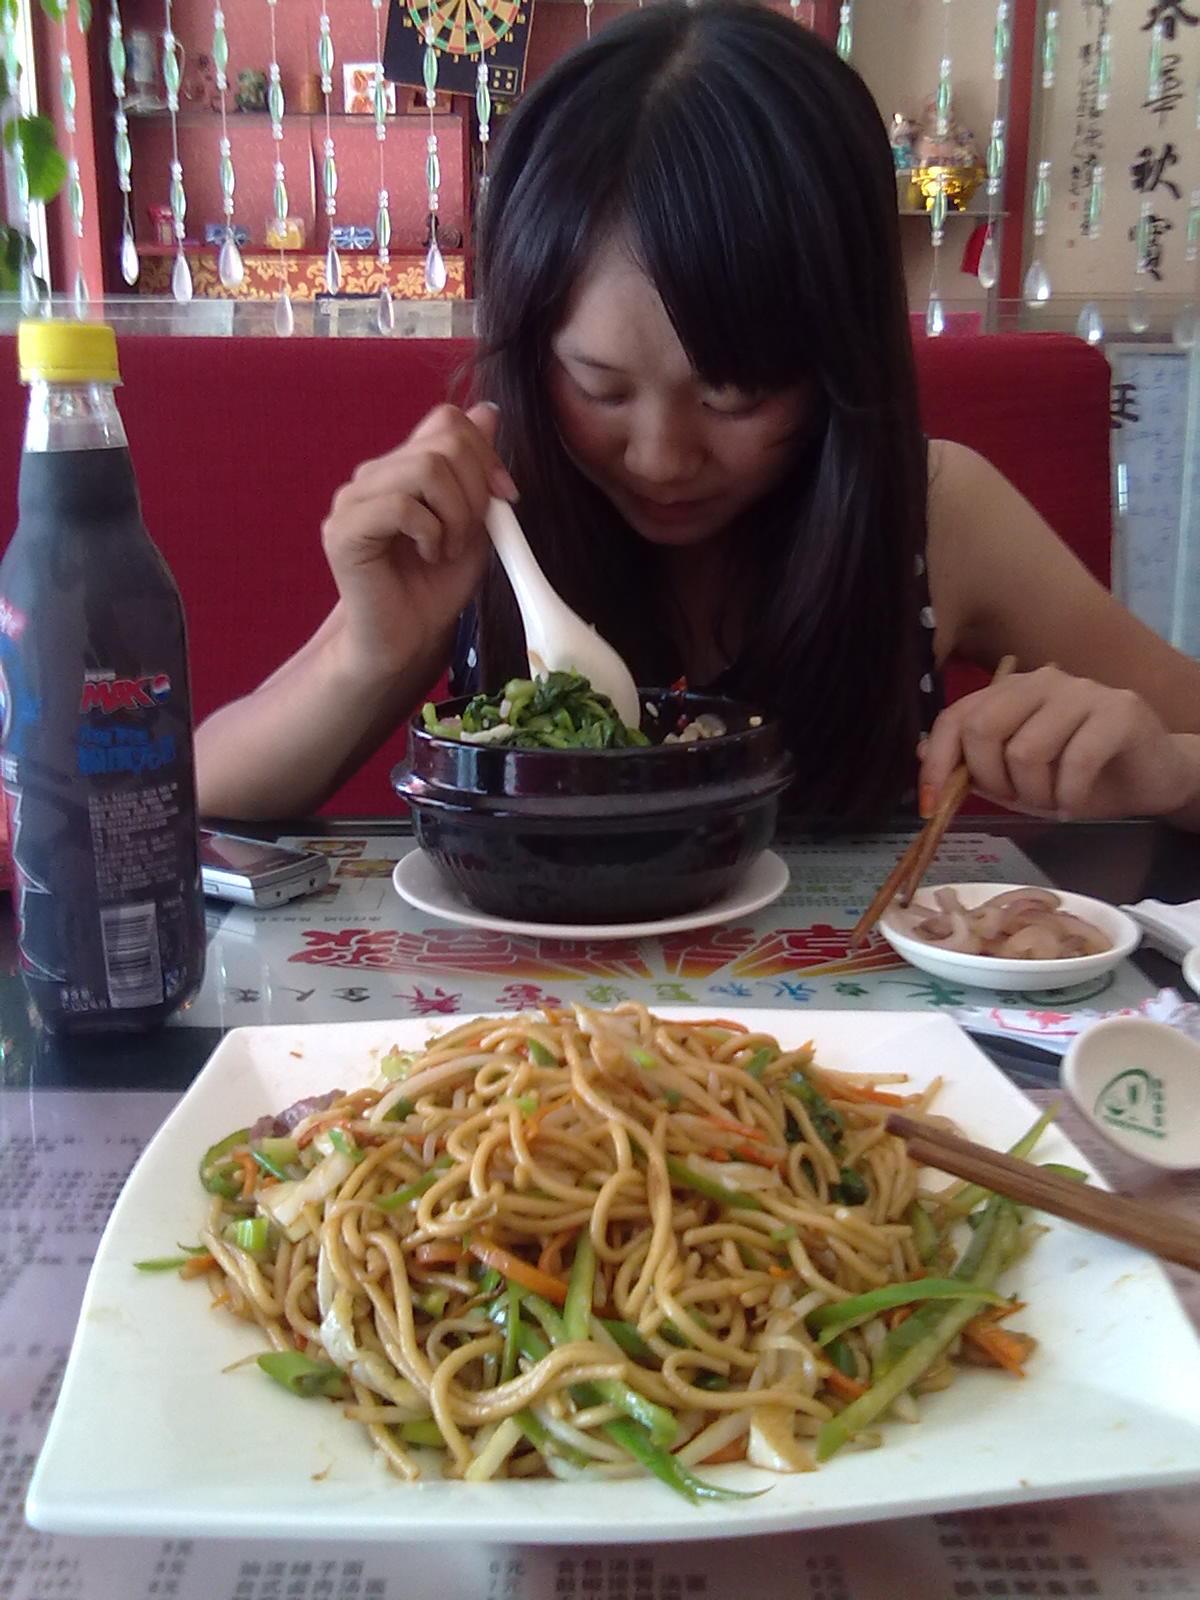 我跟一位美女吧友在吃饭